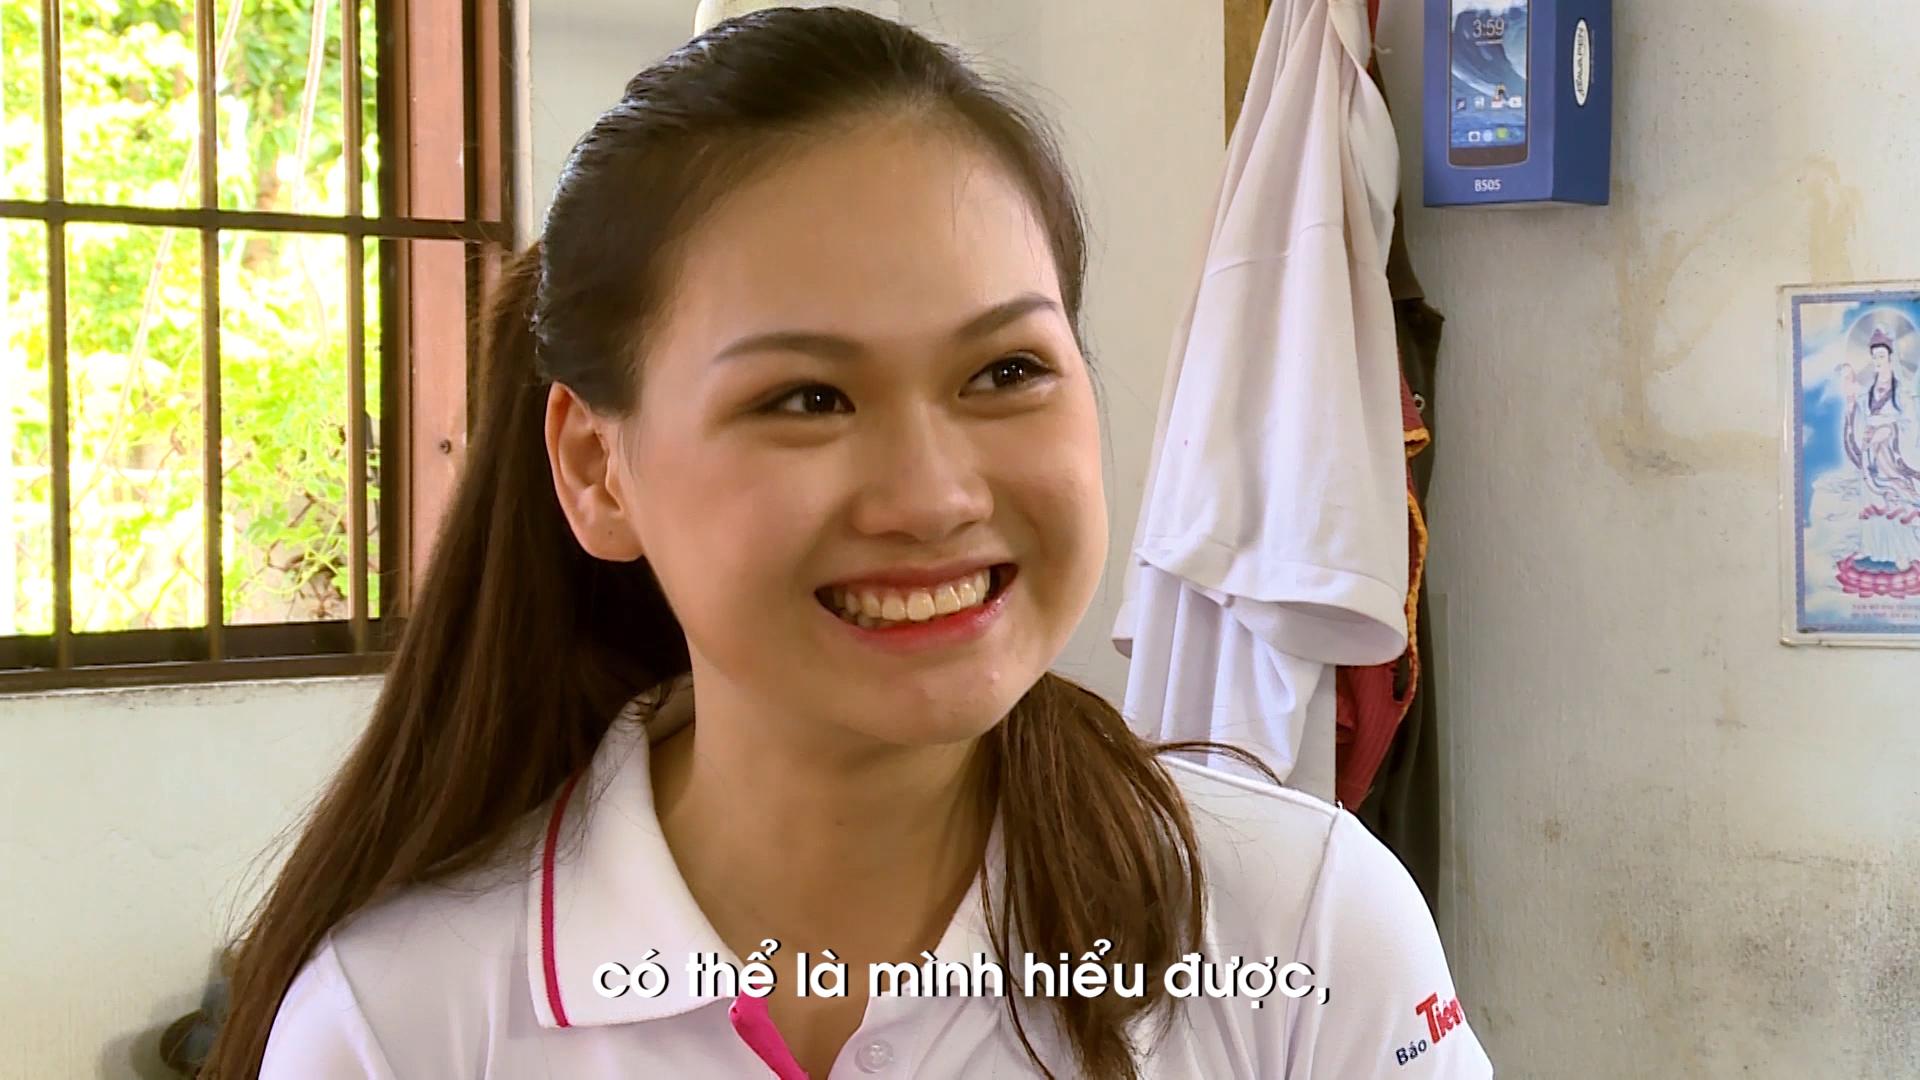 Nguyen Huong My Linh (14)